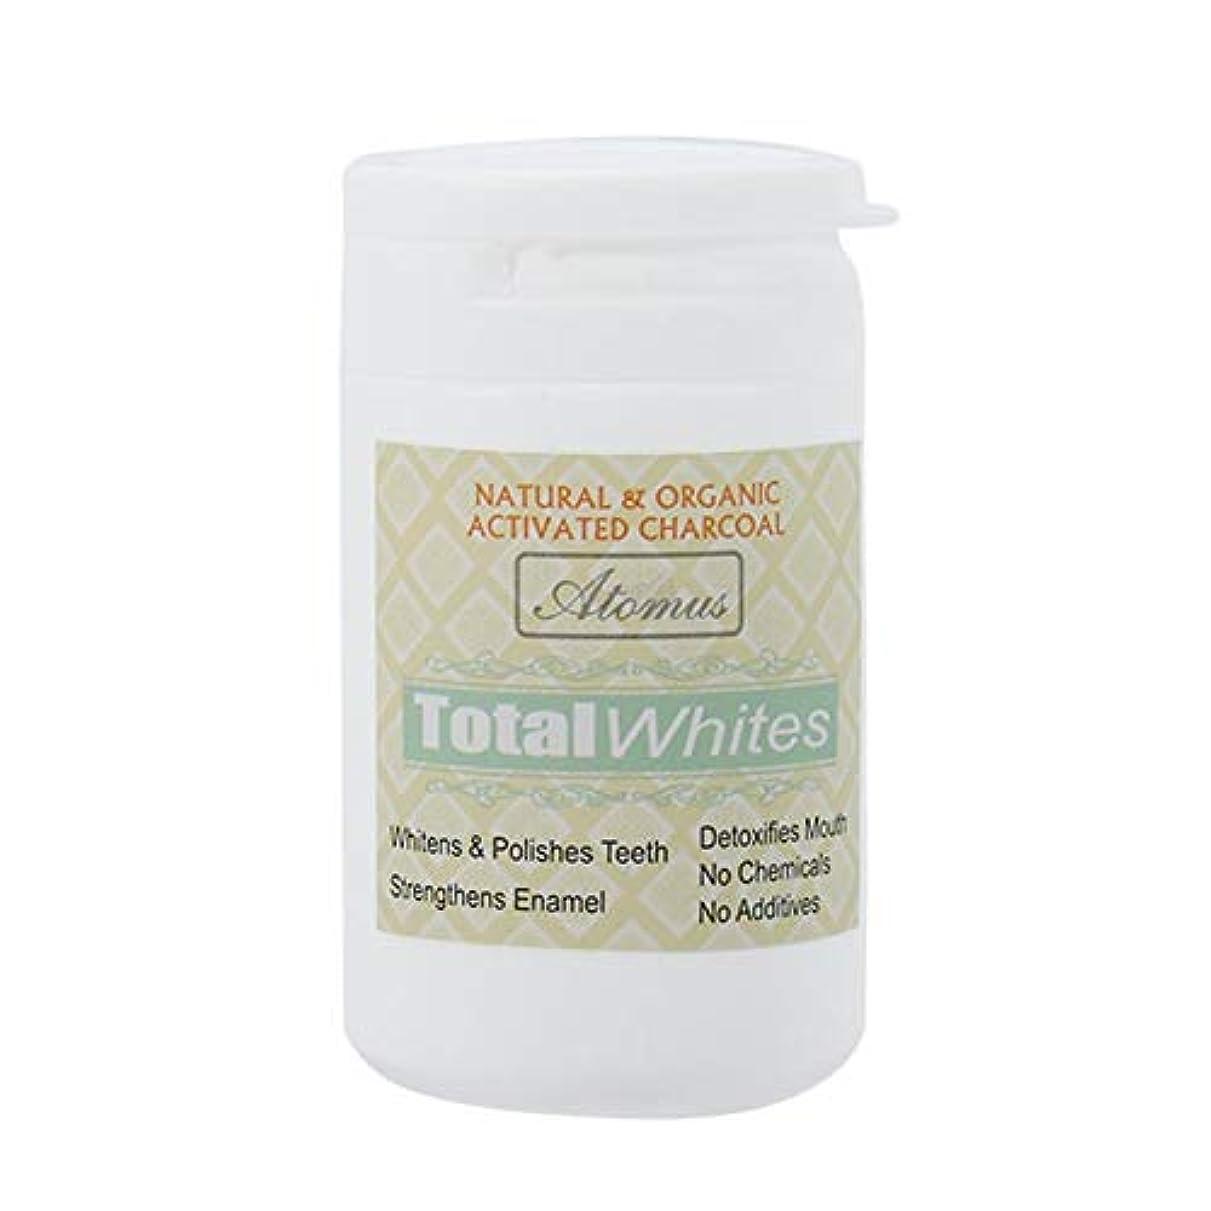 責任者北水平歯のホワイトニングパウダー、活性炭の歯のホワイトナーパウダー - 有機安全で効果的なホワイトナーの解決策 - ホワイトニングの歯とフレッシュな息